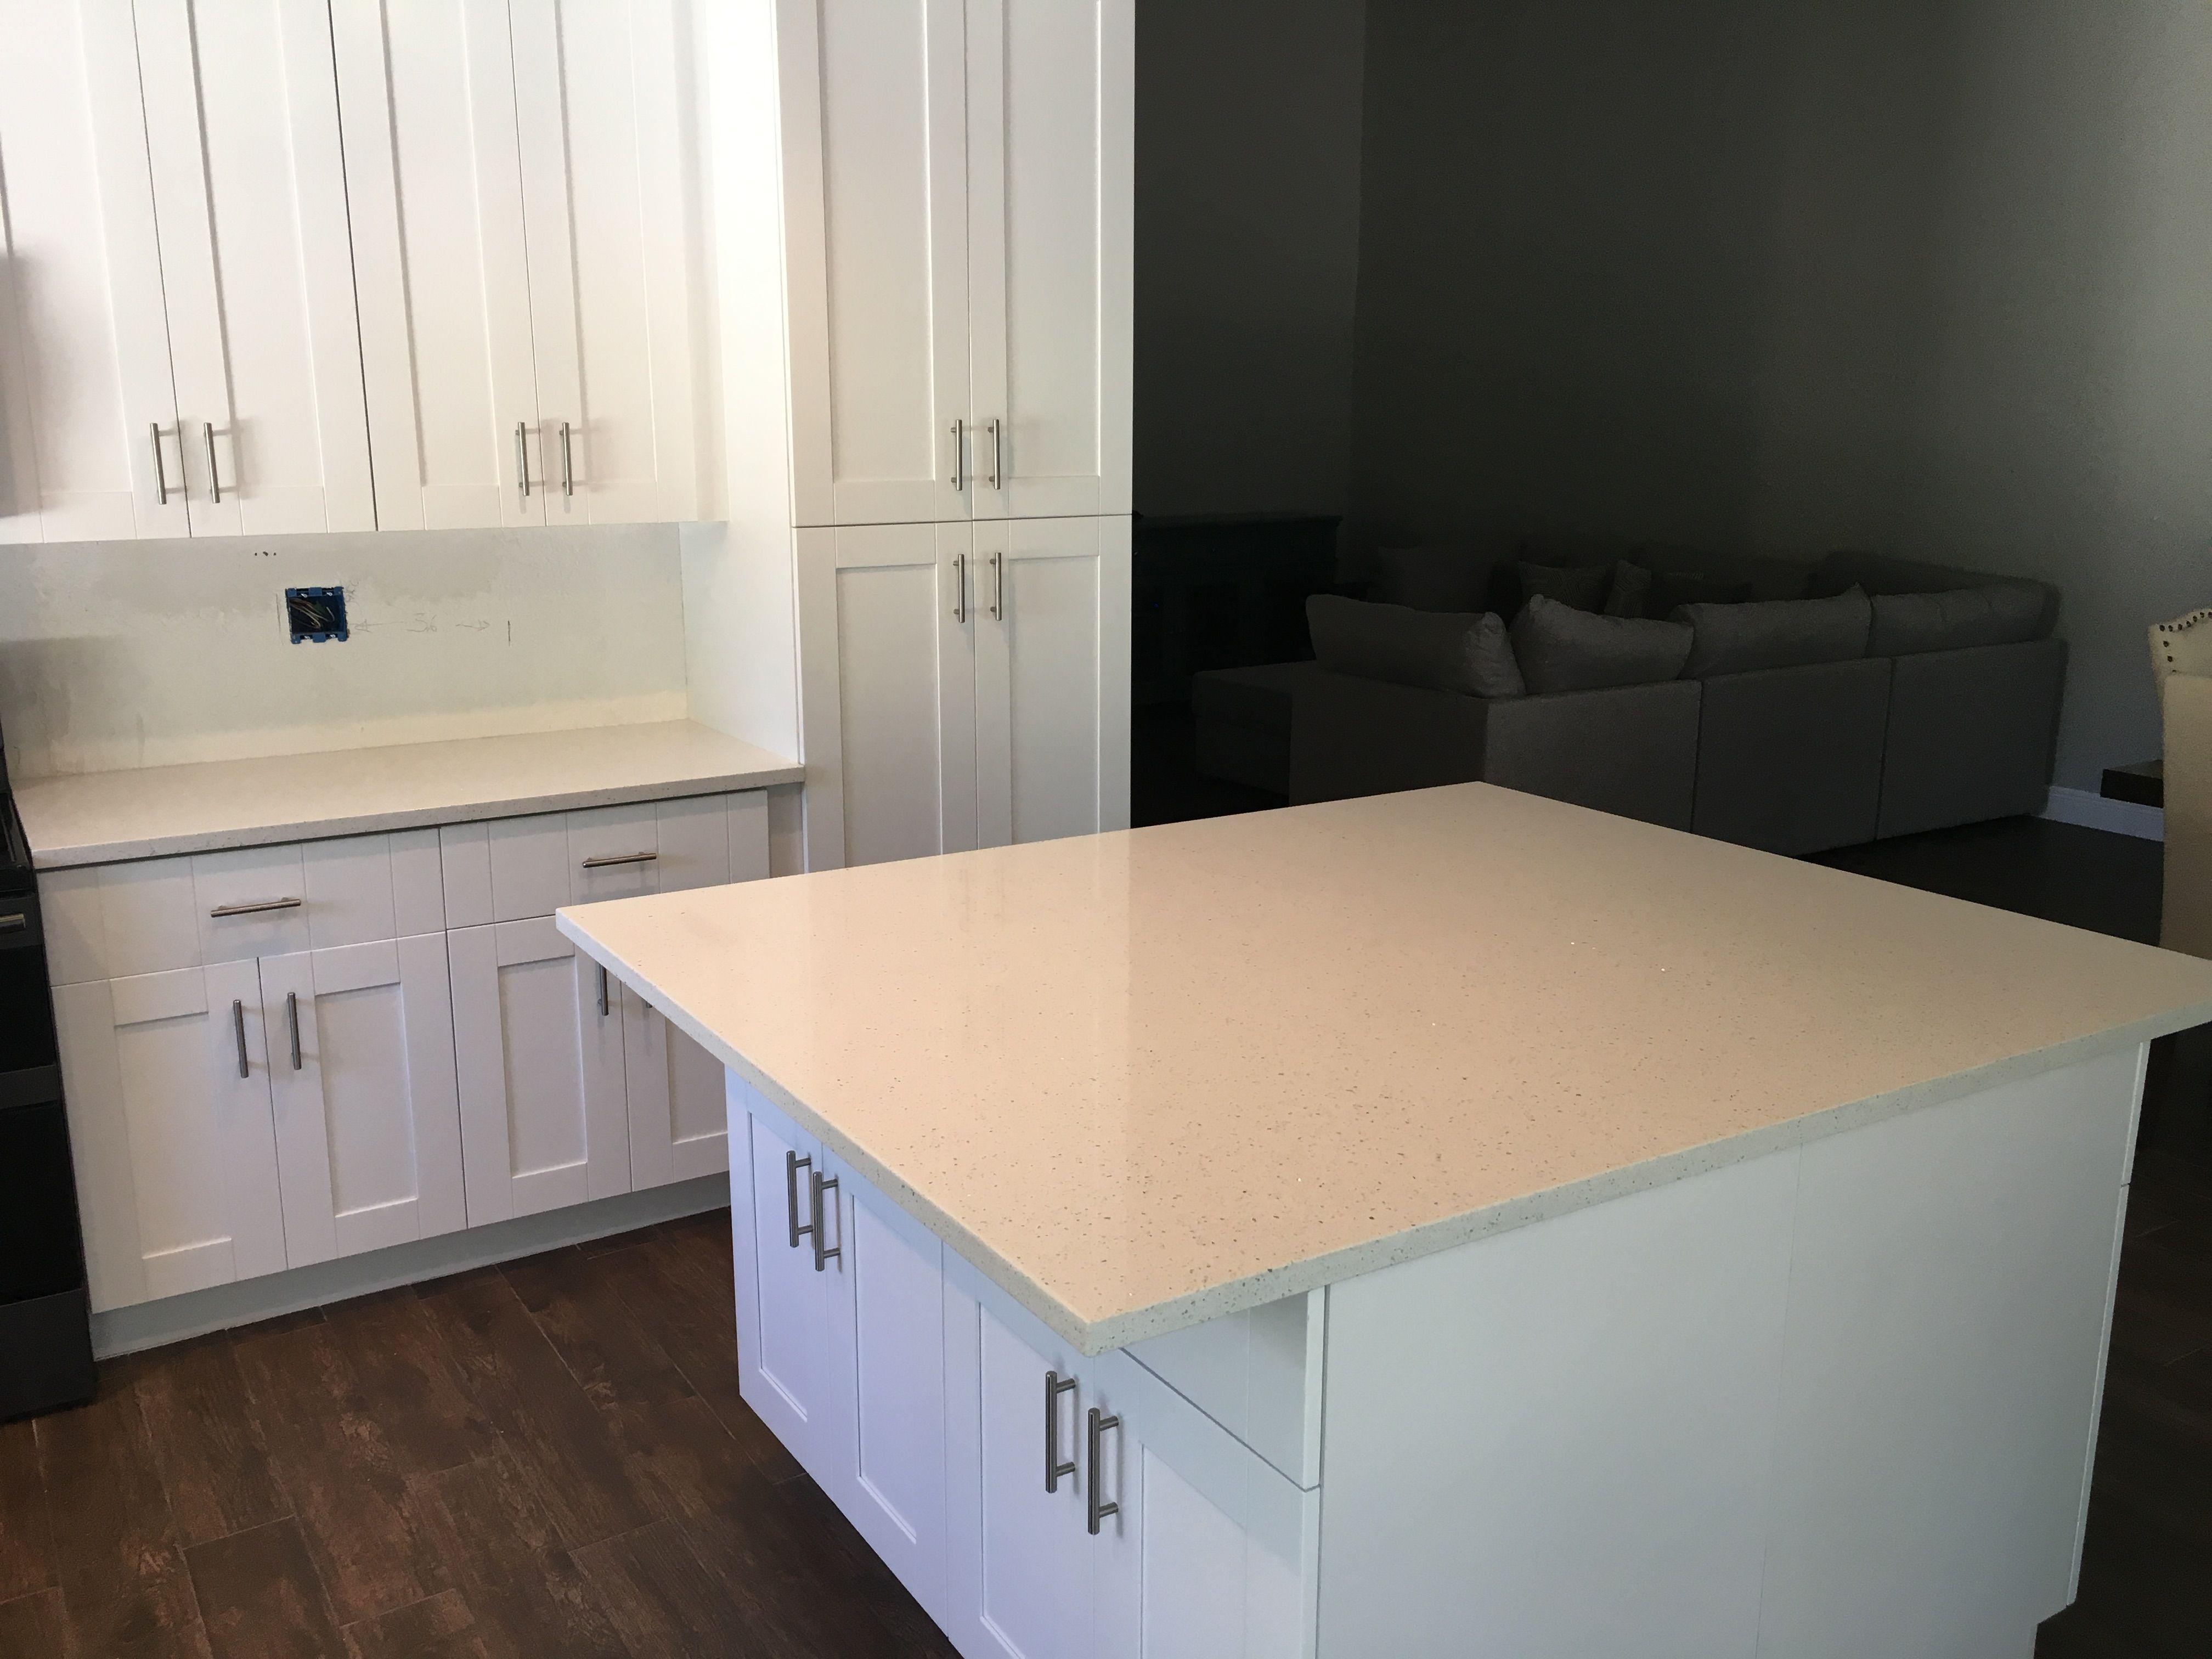 White Quartz Kitchen Countertops White Cabinets And White Quartz